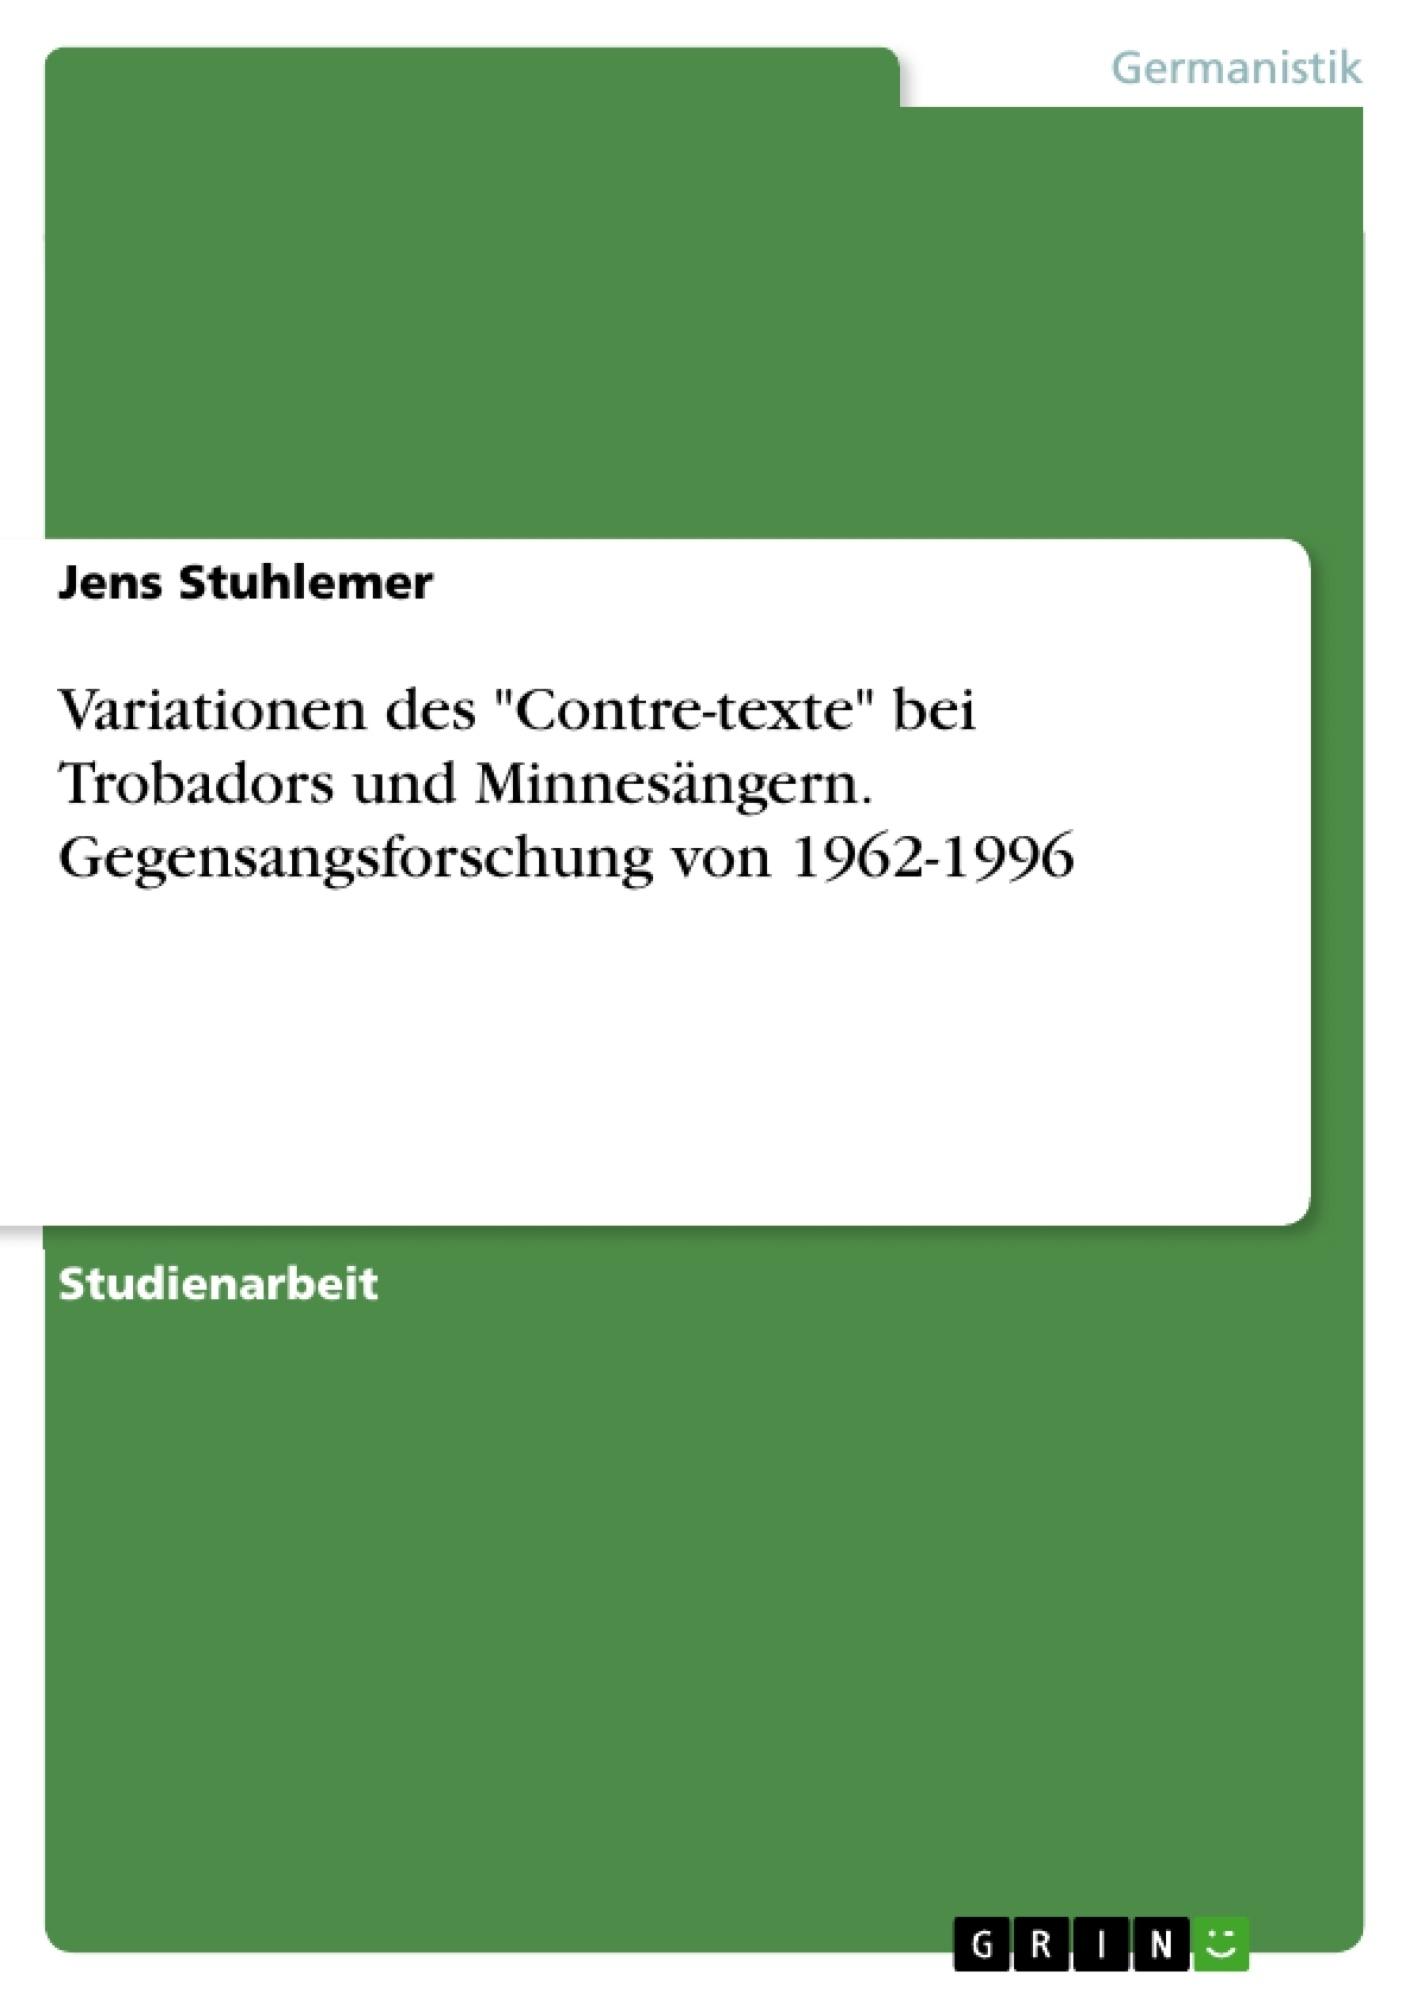 """Titel: Variationen des """"Contre-texte"""" bei Trobadors und Minnesängern. Gegensangsforschung von 1962-1996"""